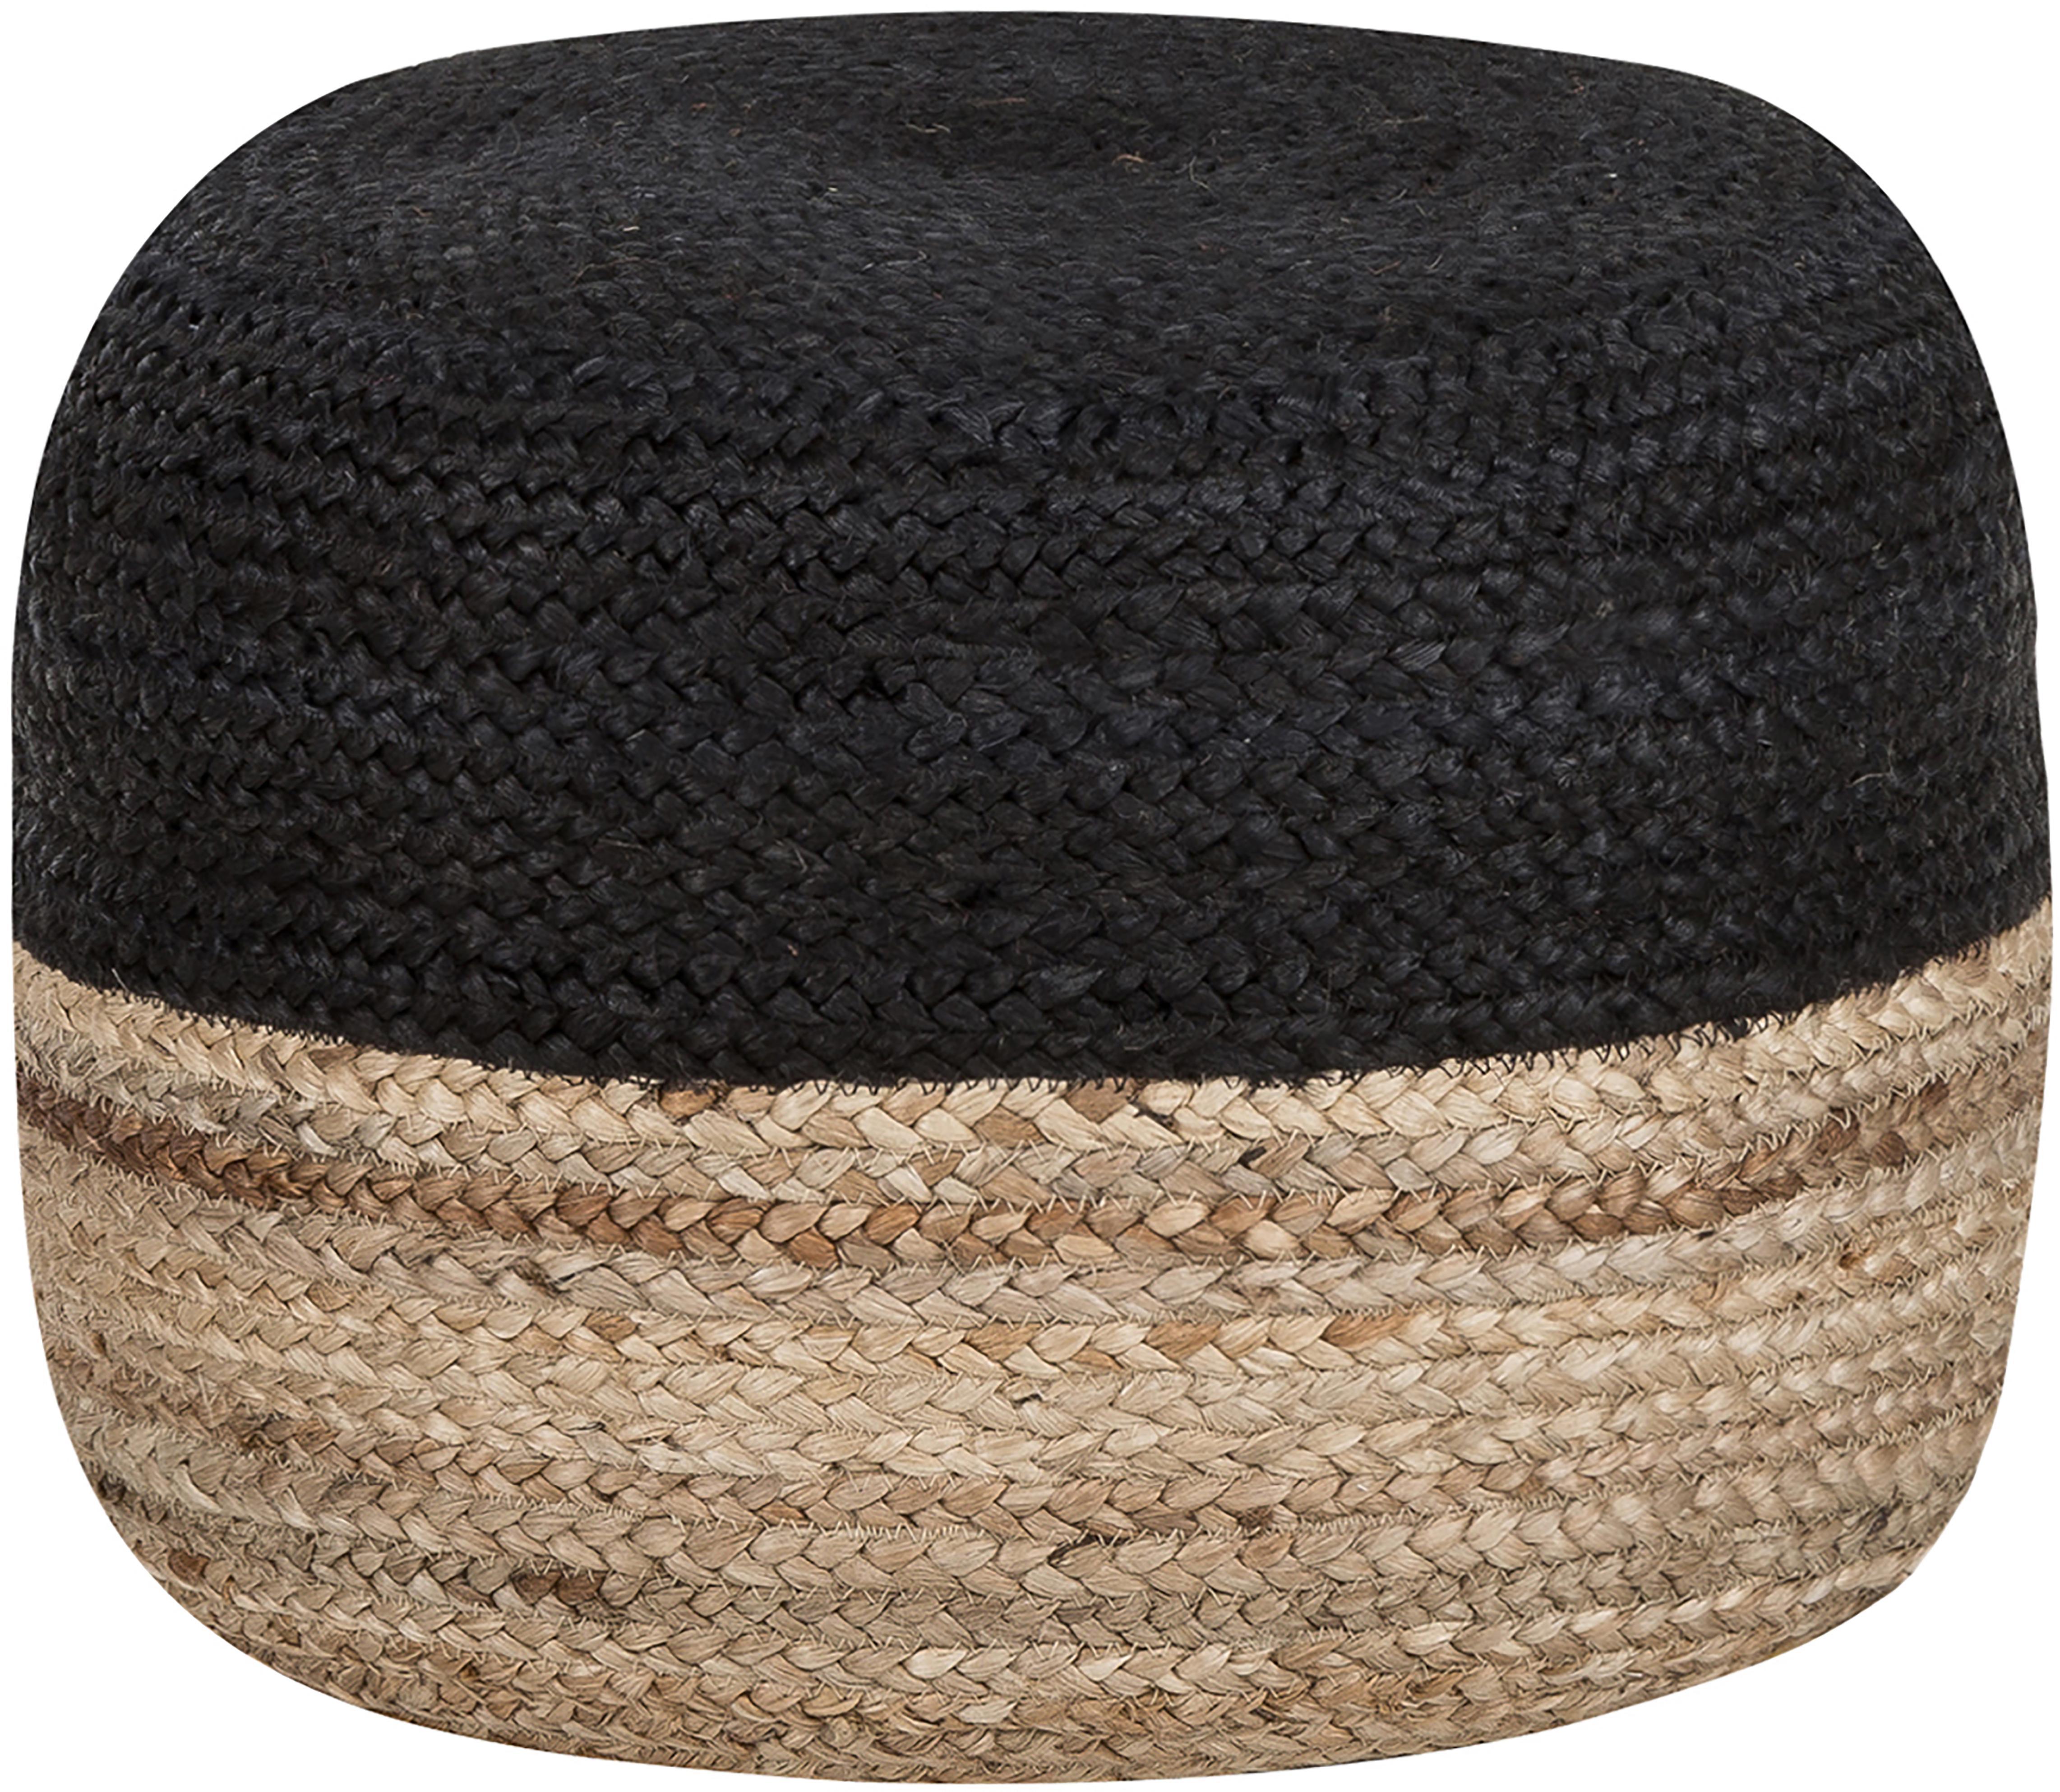 Puf artesanal de yute Bono, estilo boho, Tapizado: yute, Beige, negro, Ø 50 x Al 36 cm